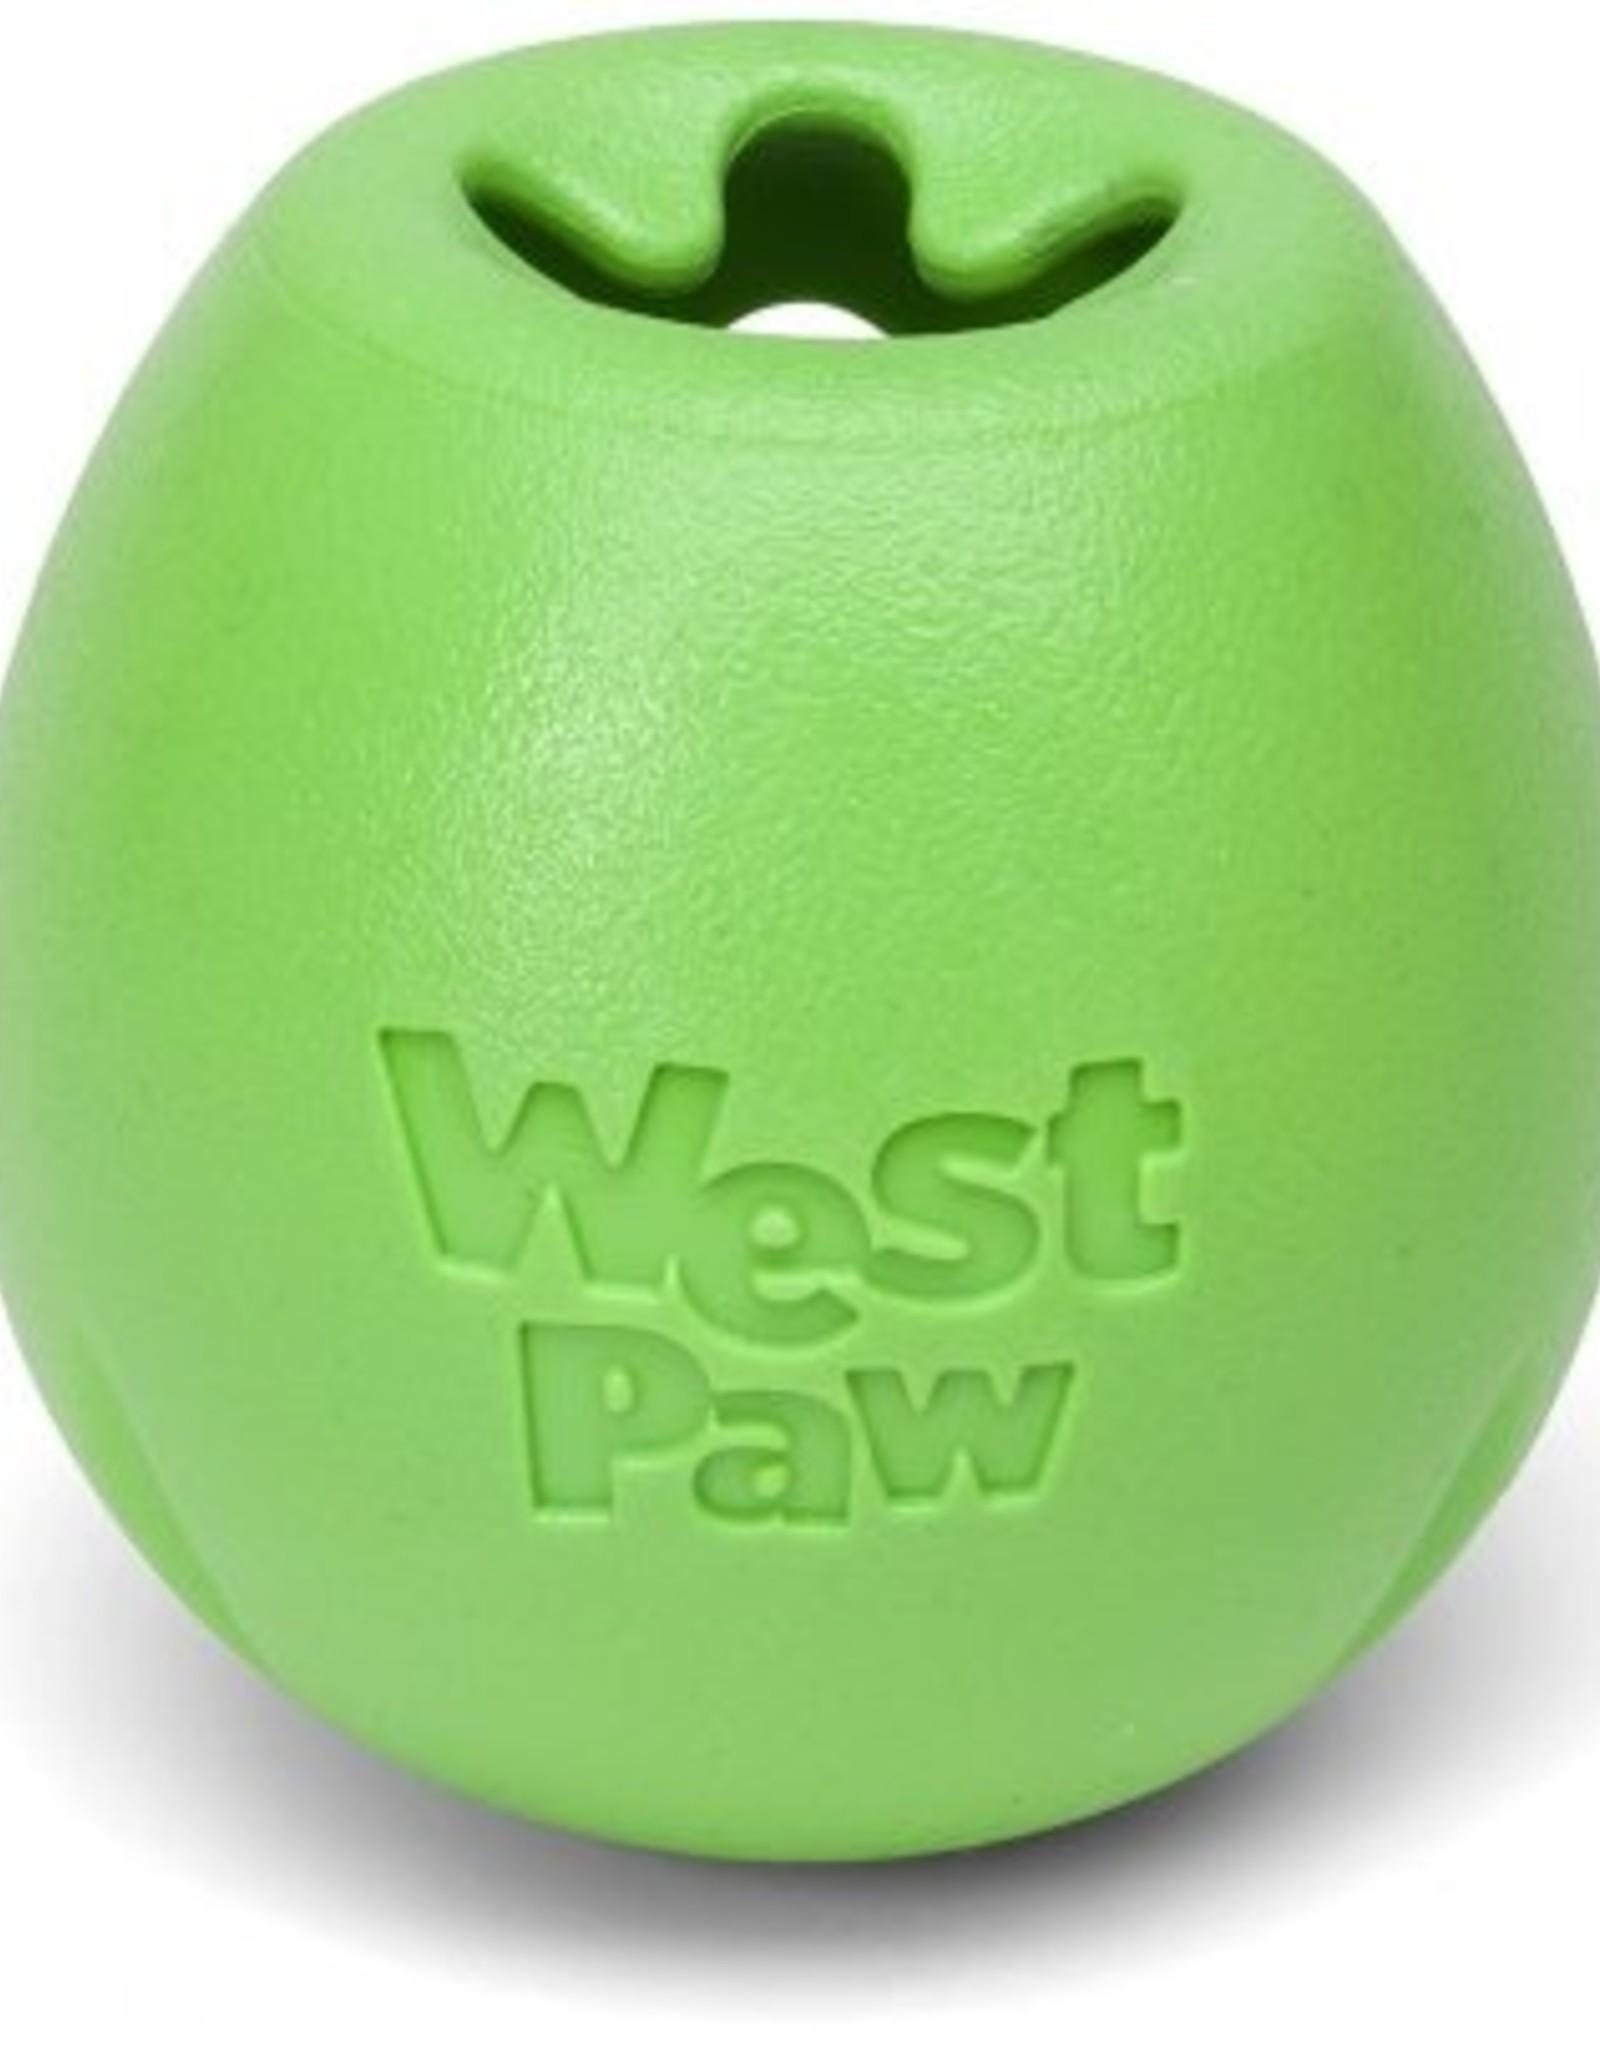 West Paw West Paw Rumbl